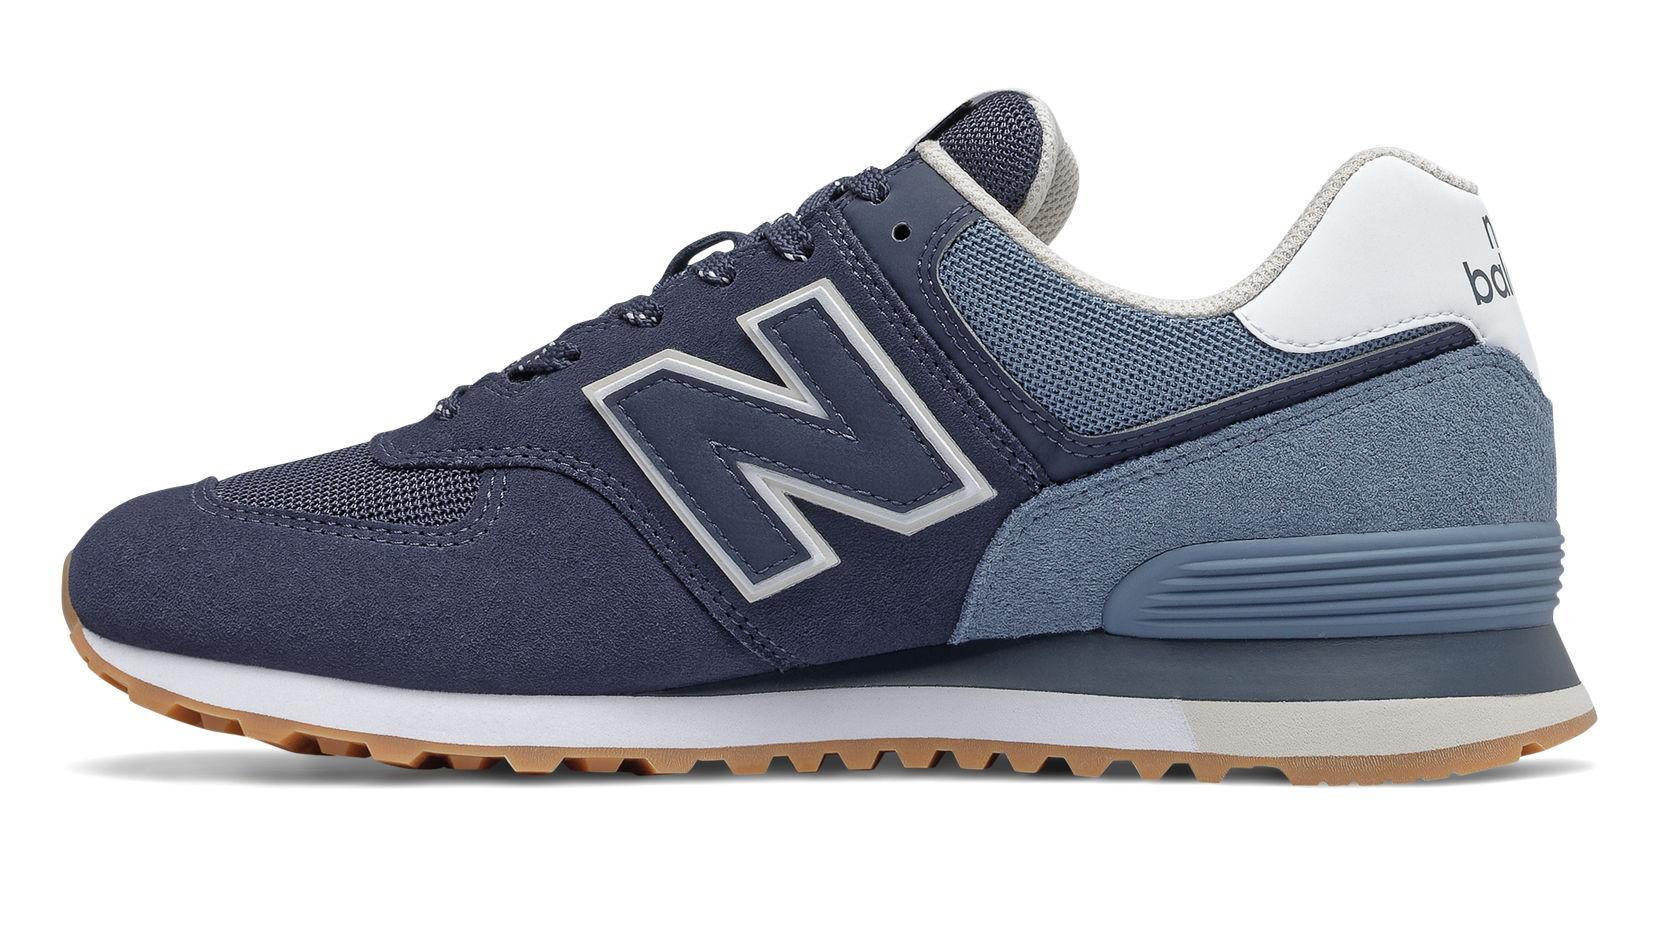 Homme 574 New Balance pour homme en coloris Bleu - Lyst